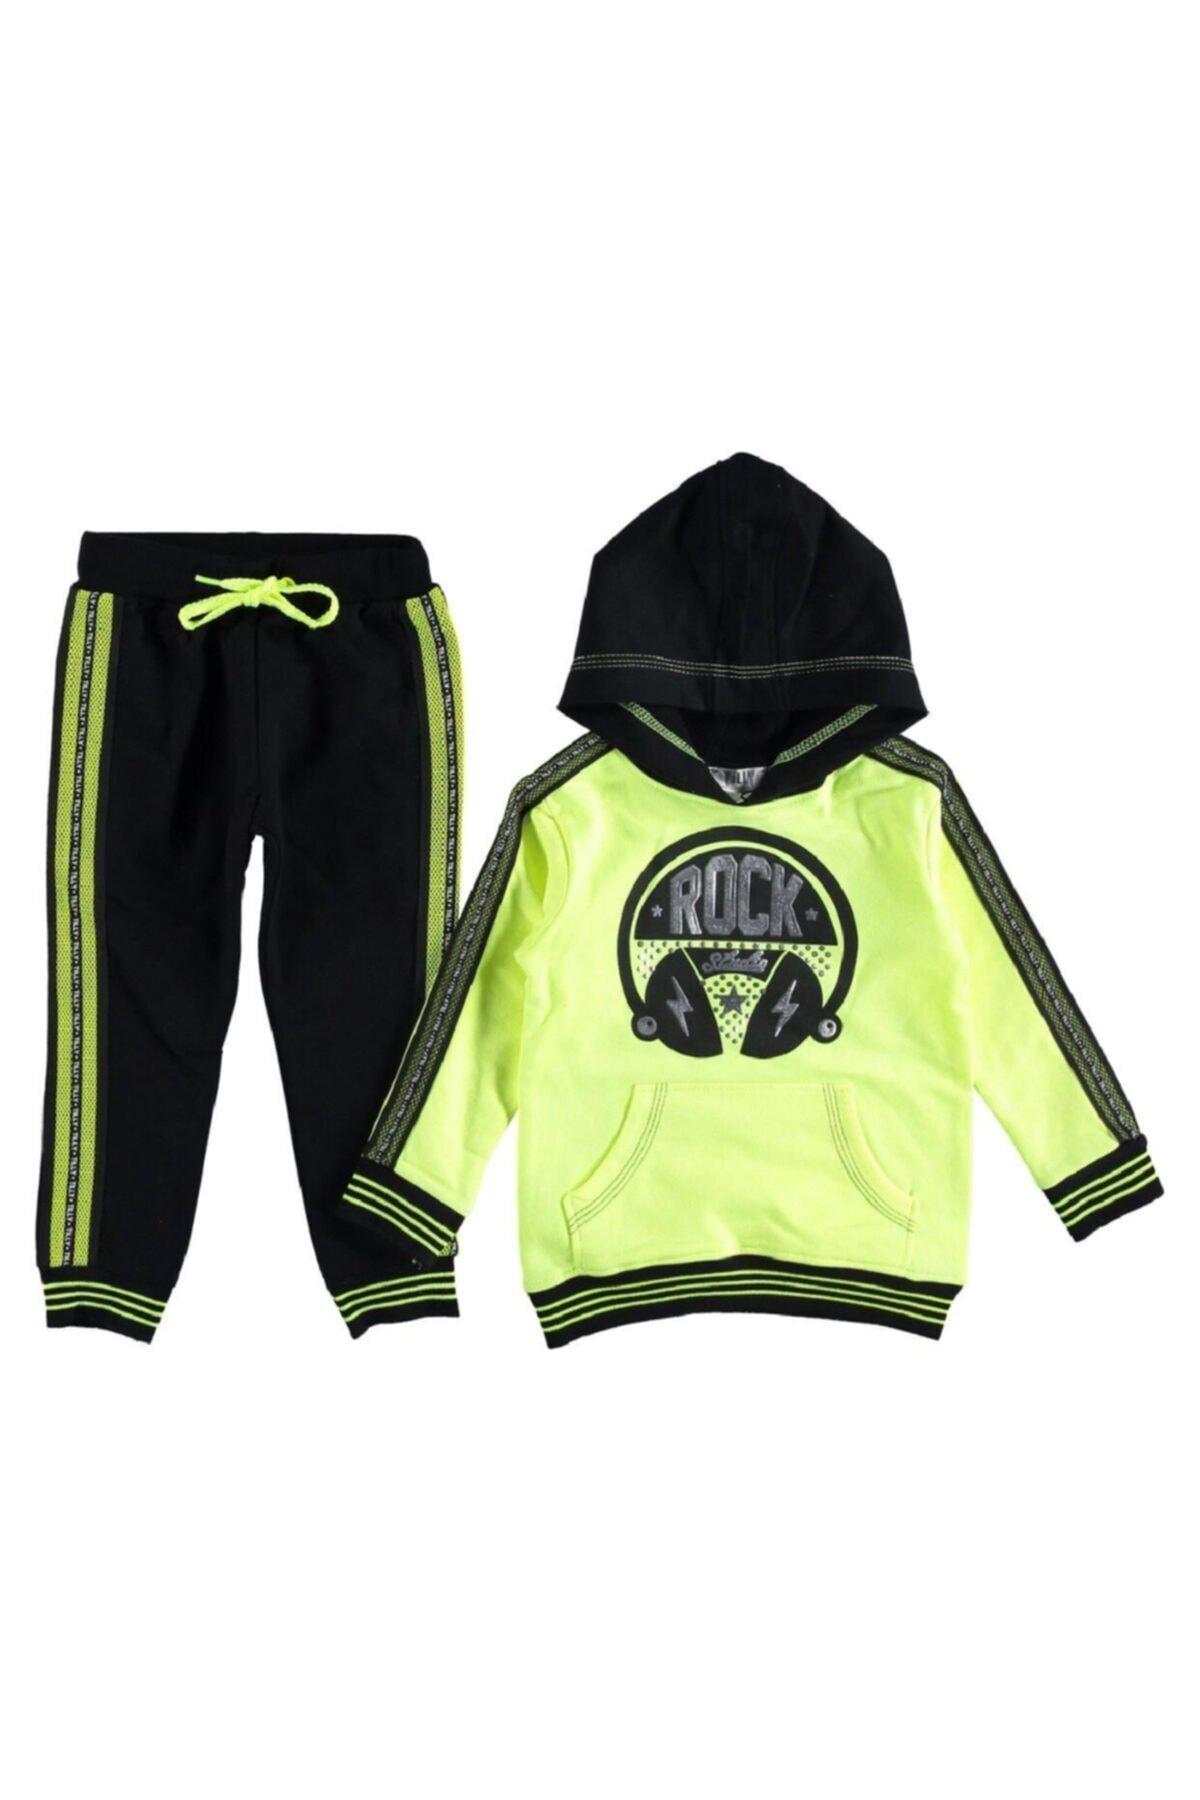 Cillop Rock Kapşonlu Neon Yeşil Kız Çocuk Eşofman Takımı 1